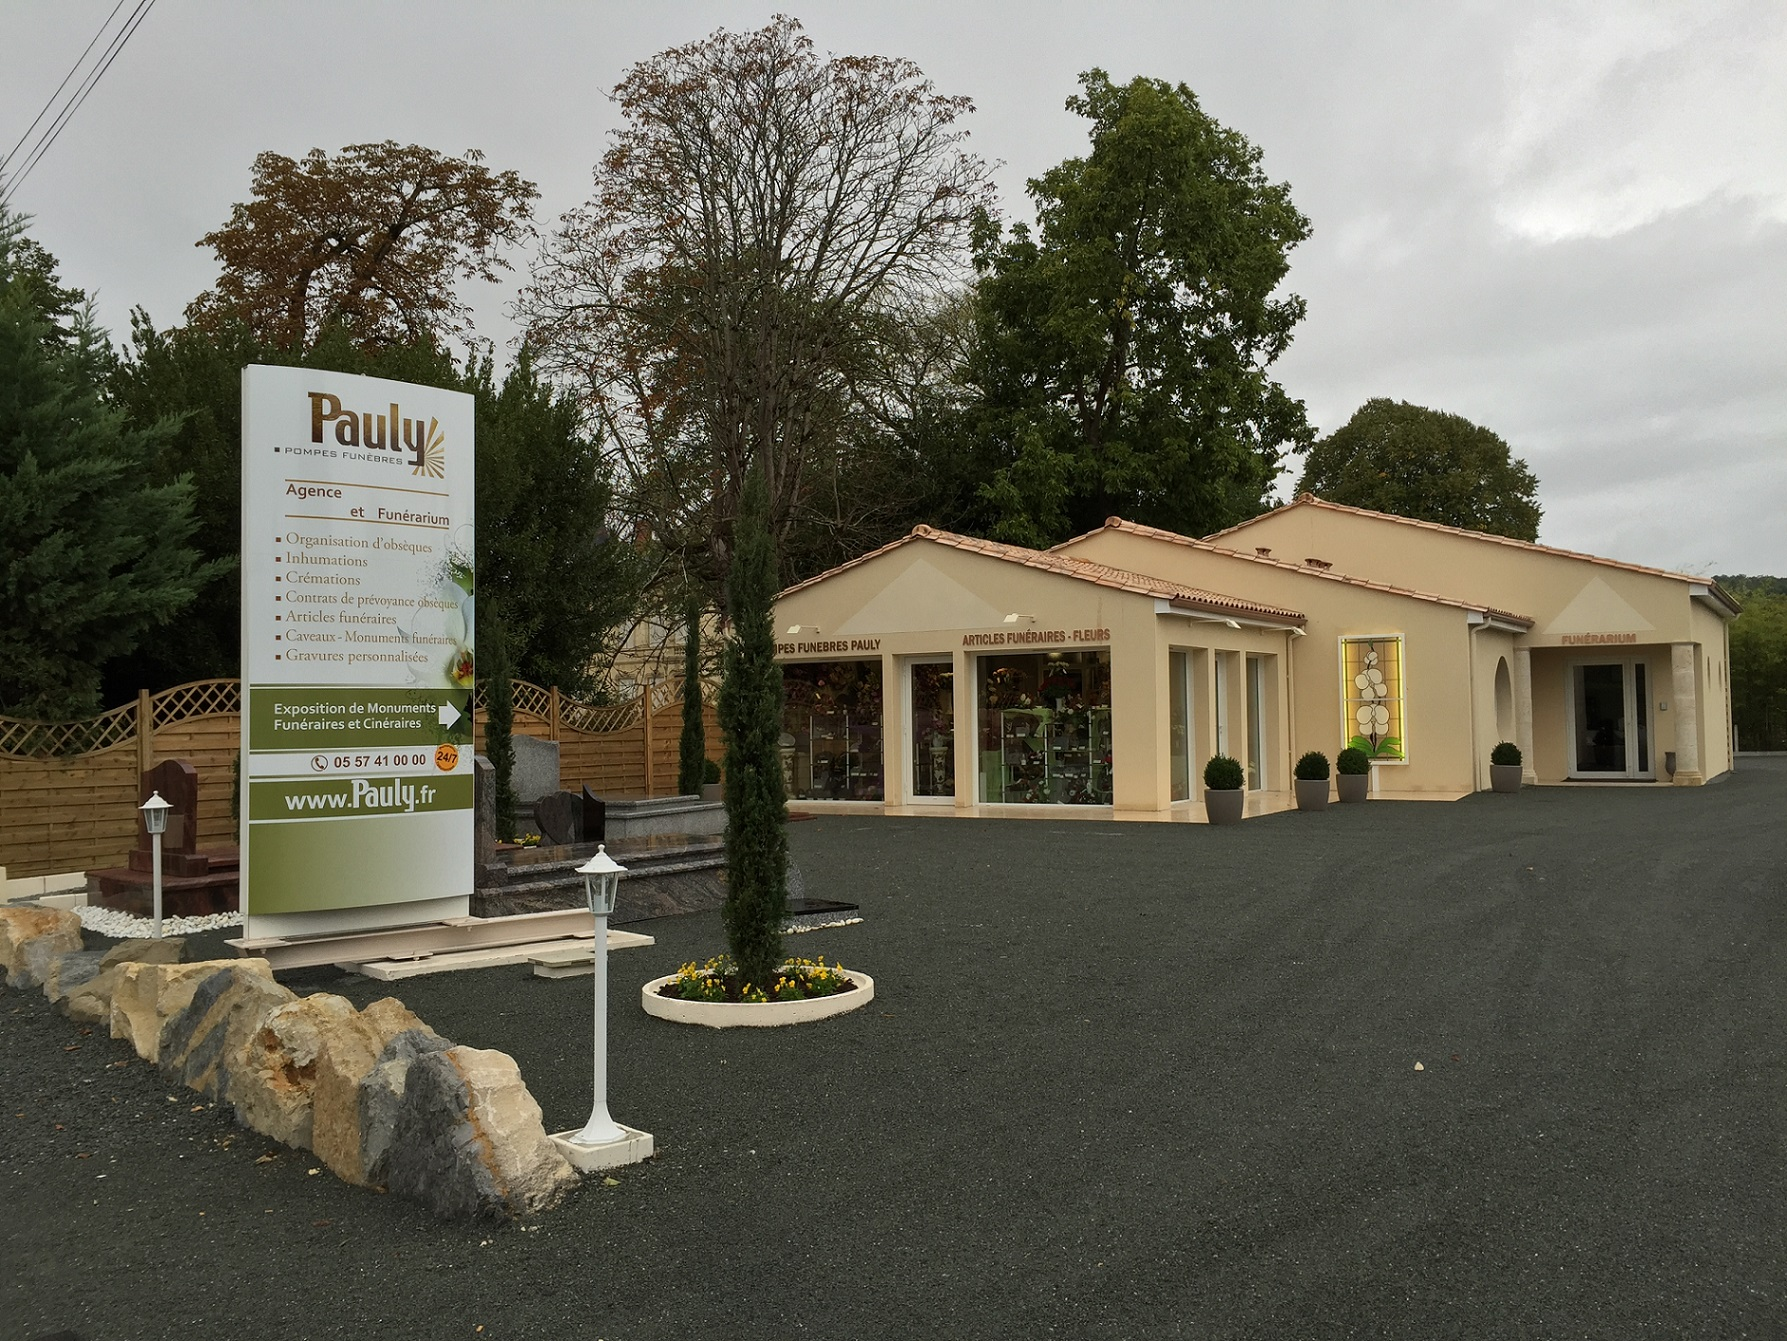 Agence de pompes funèbres Pauly à Pineuilh